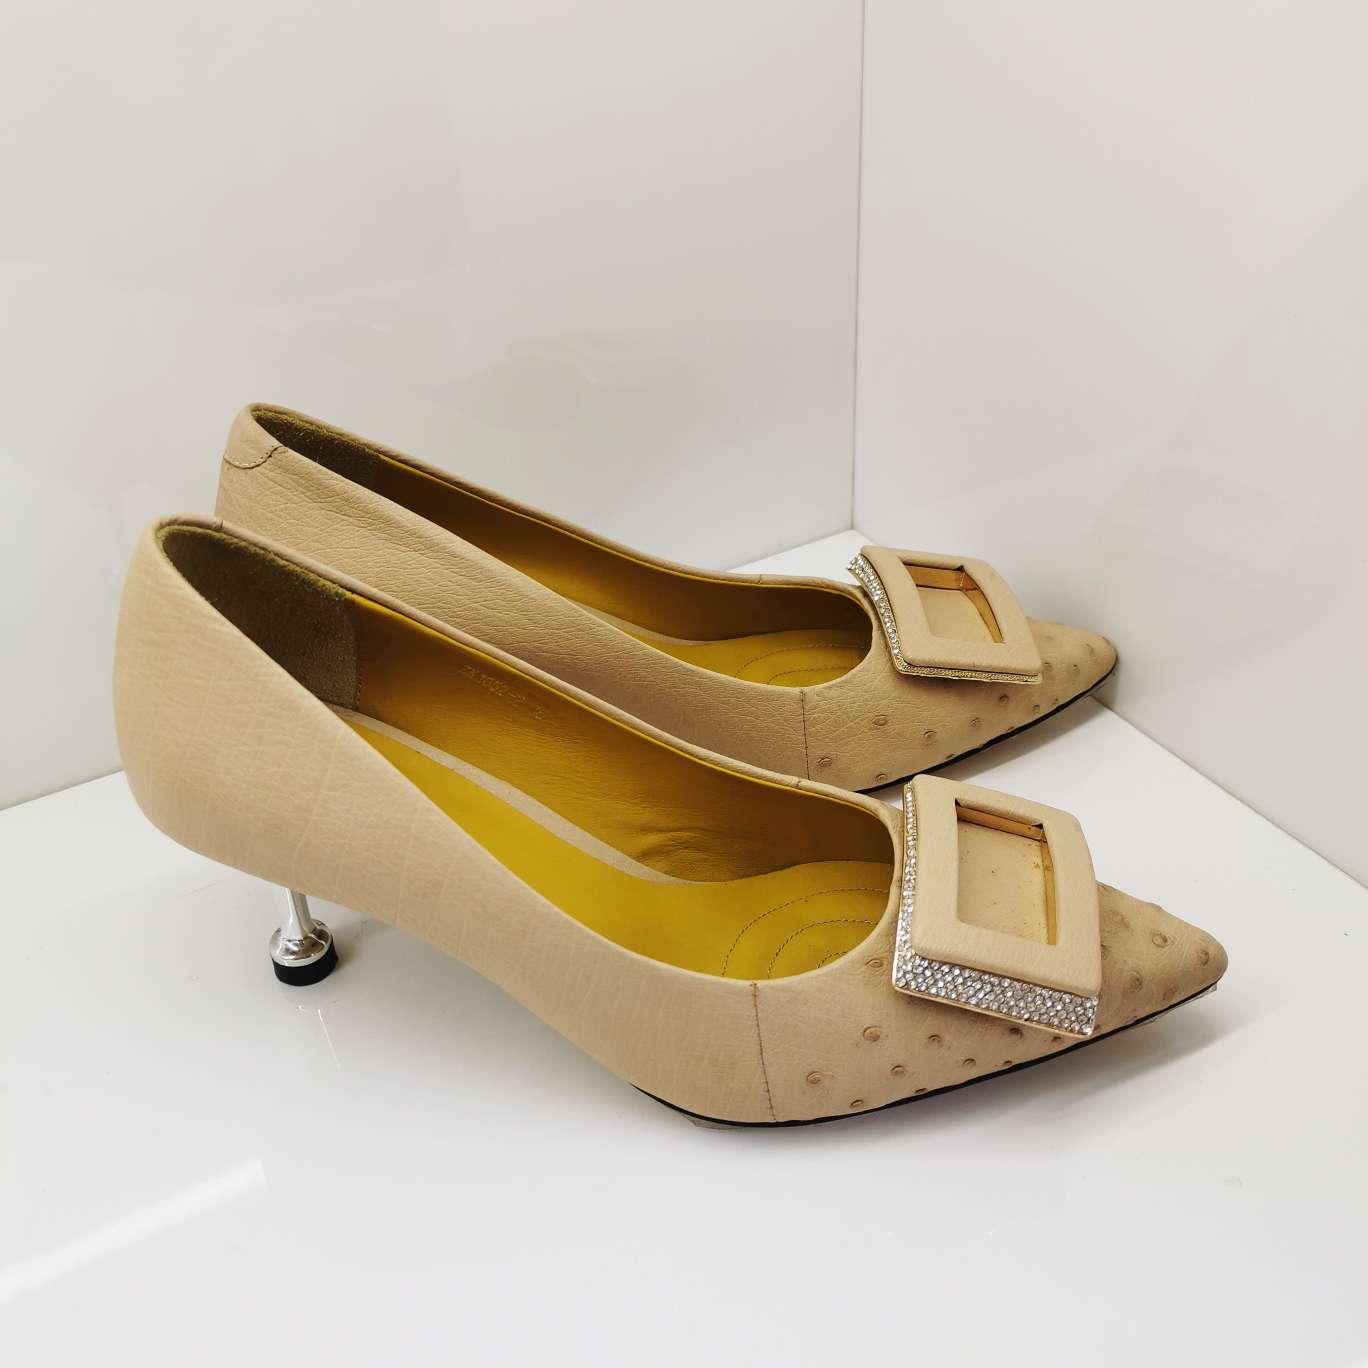 鸵鸟皮女士皮鞋